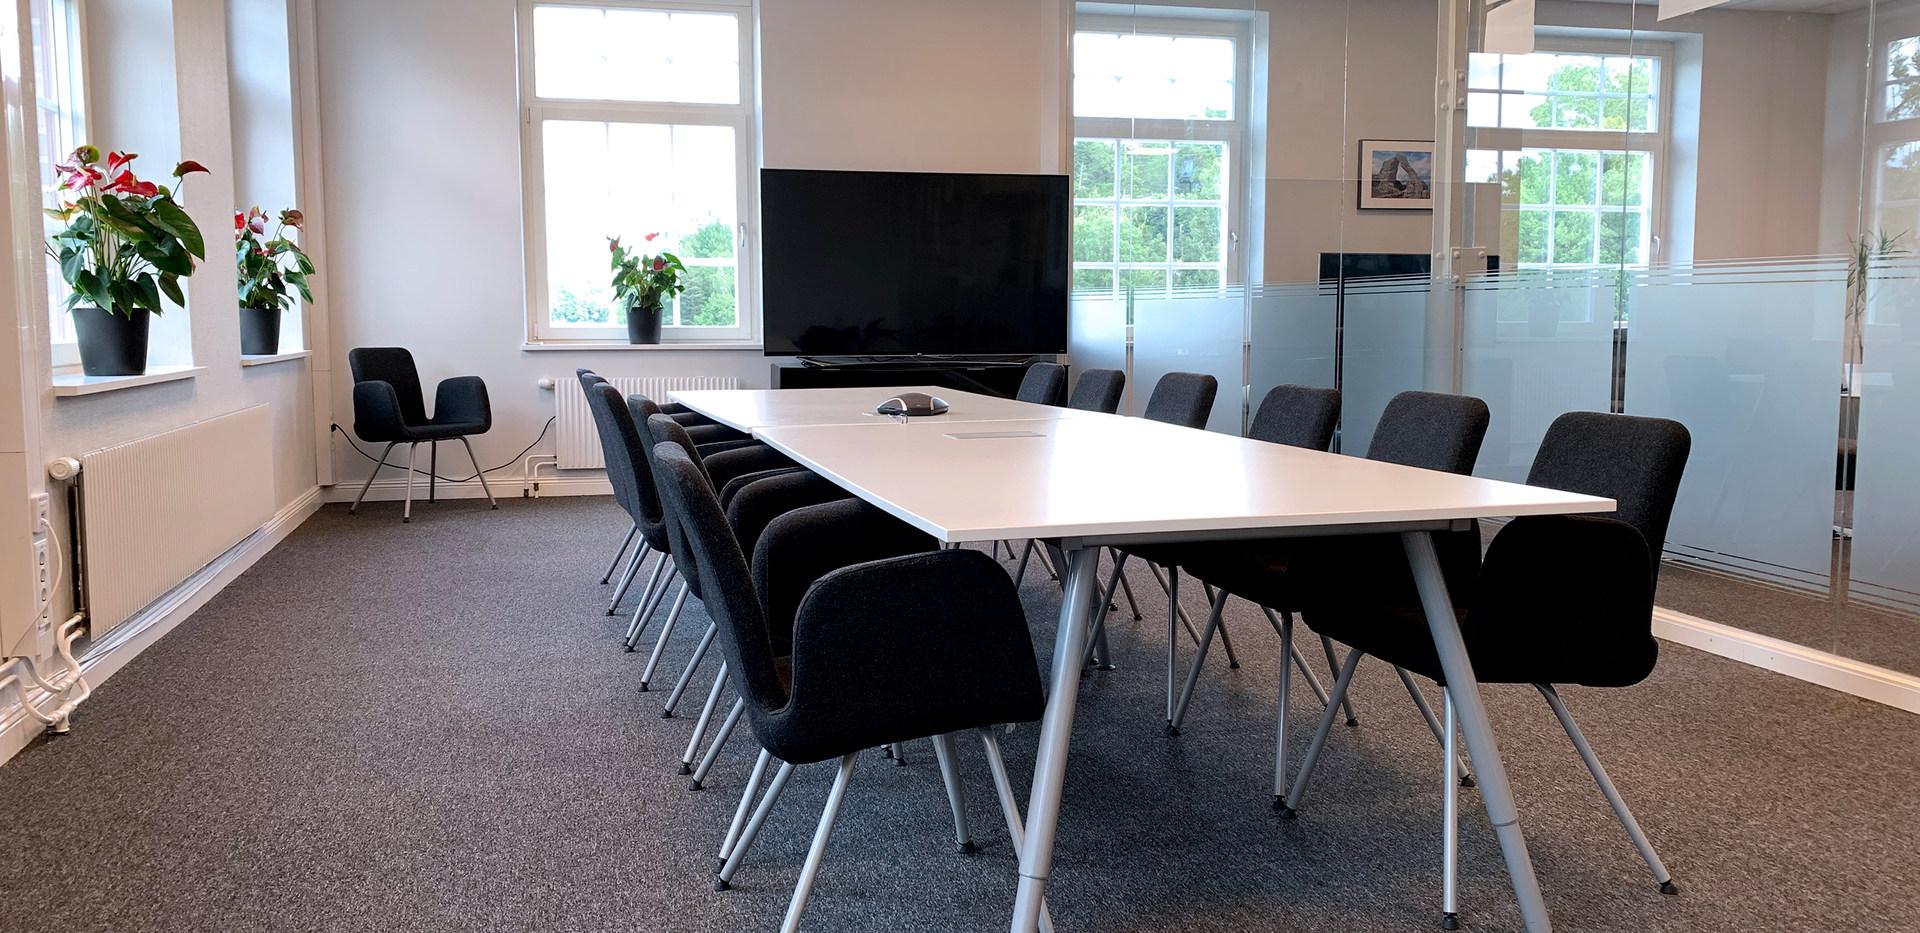 Konferensrummet.jpg